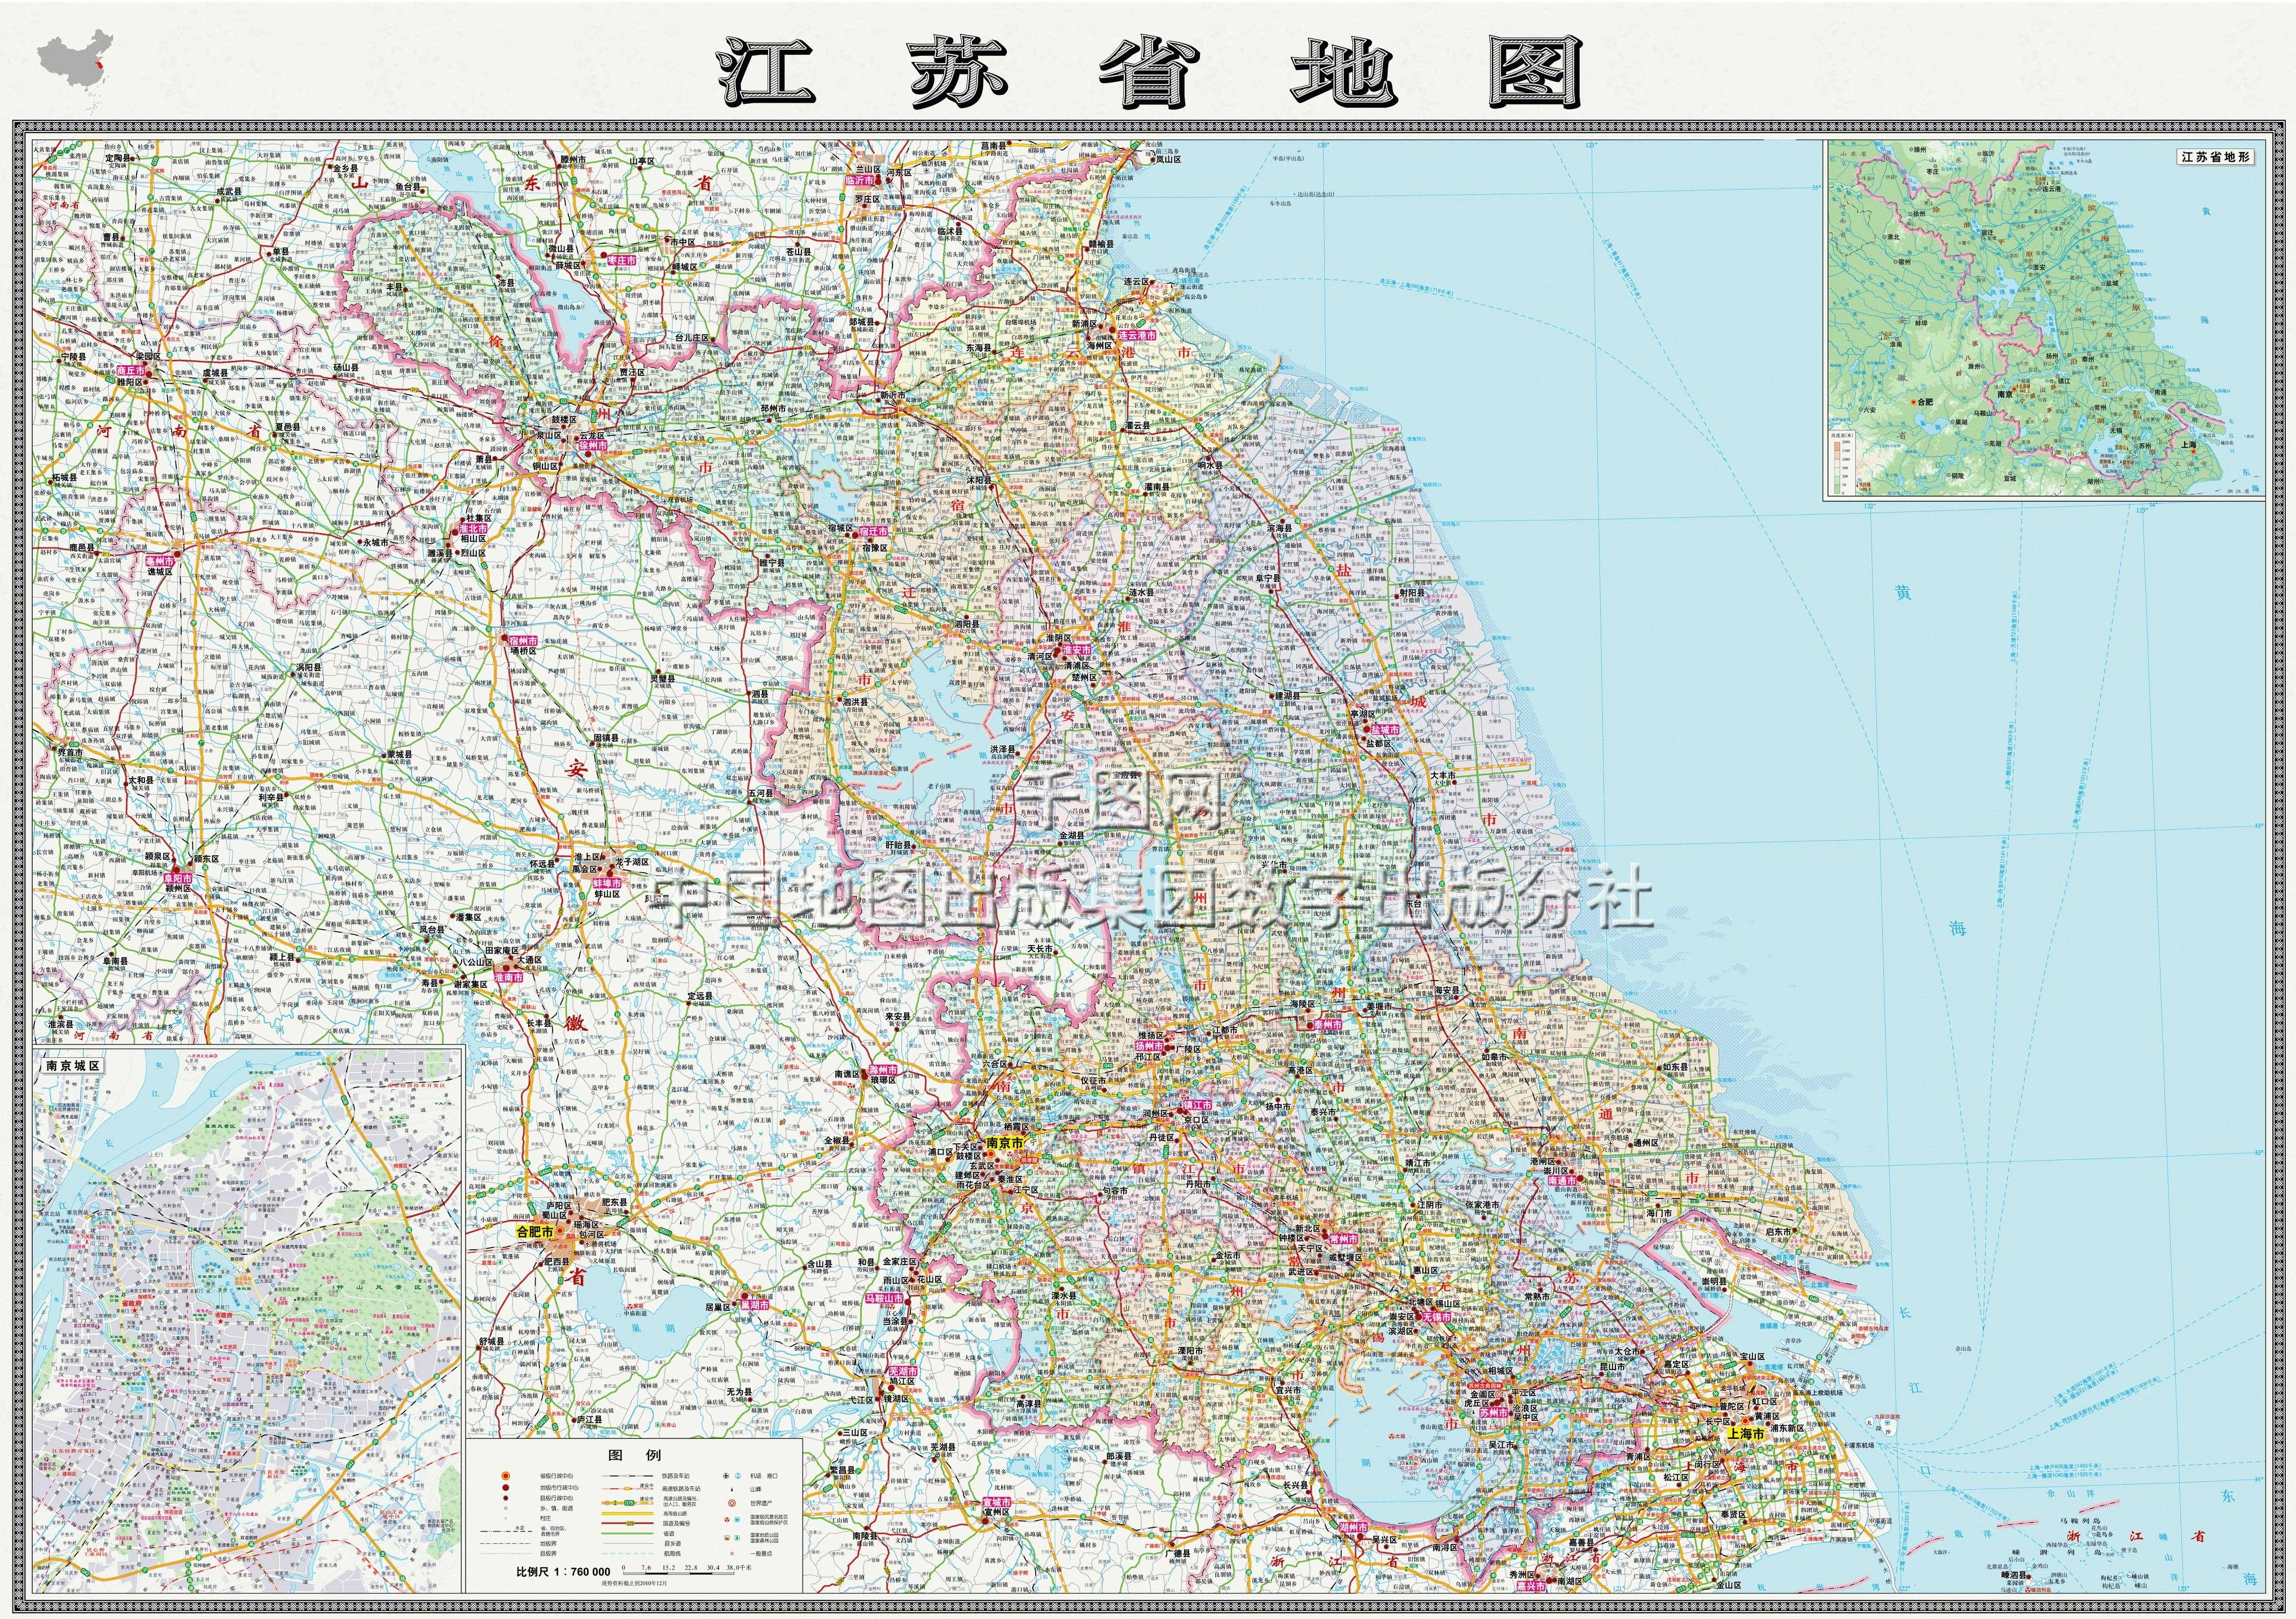 江苏省地图高清版